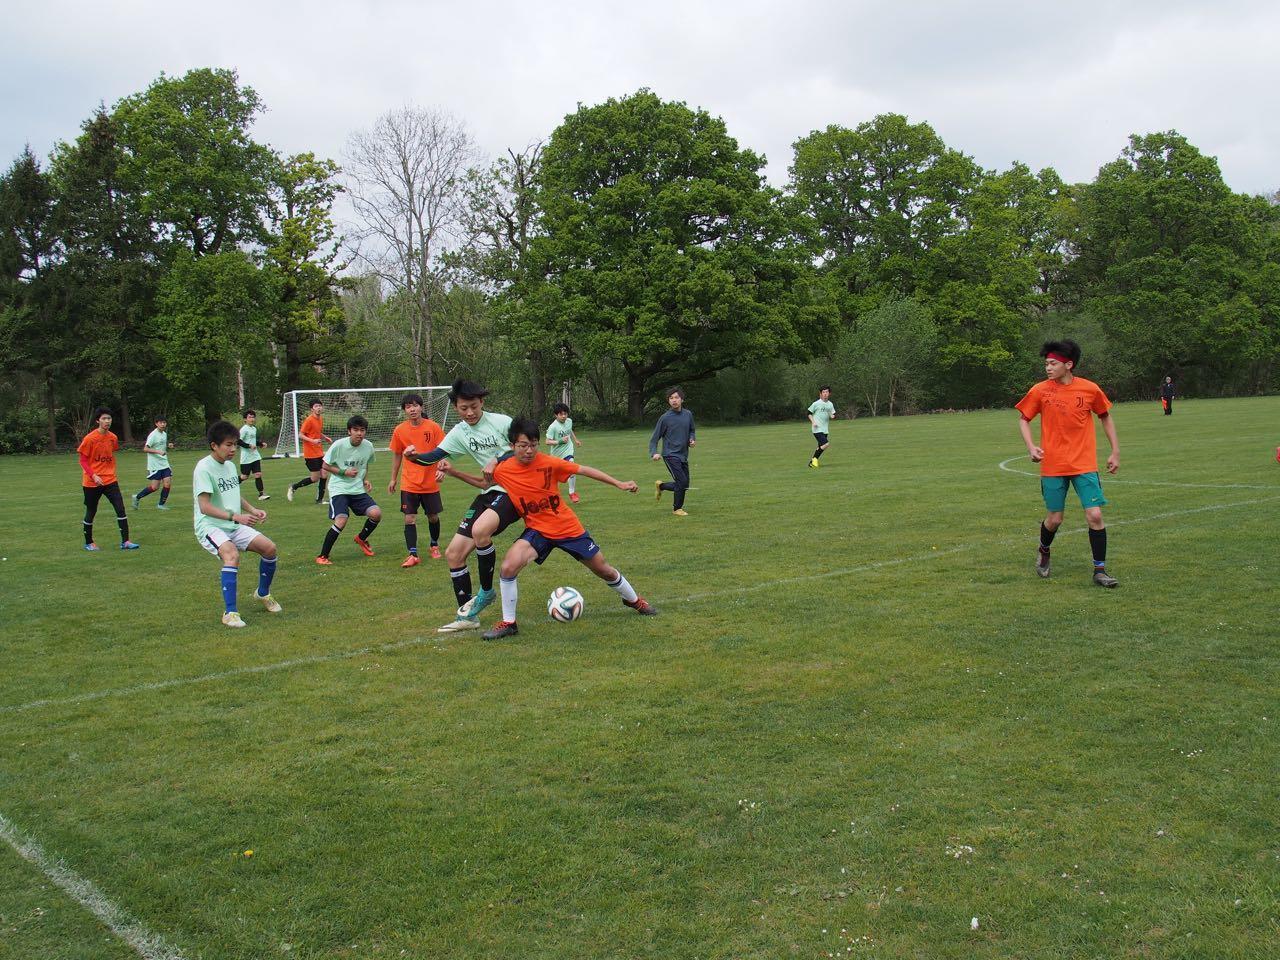 2週間の練習の成果! 土曜日に球技大会が行われました。